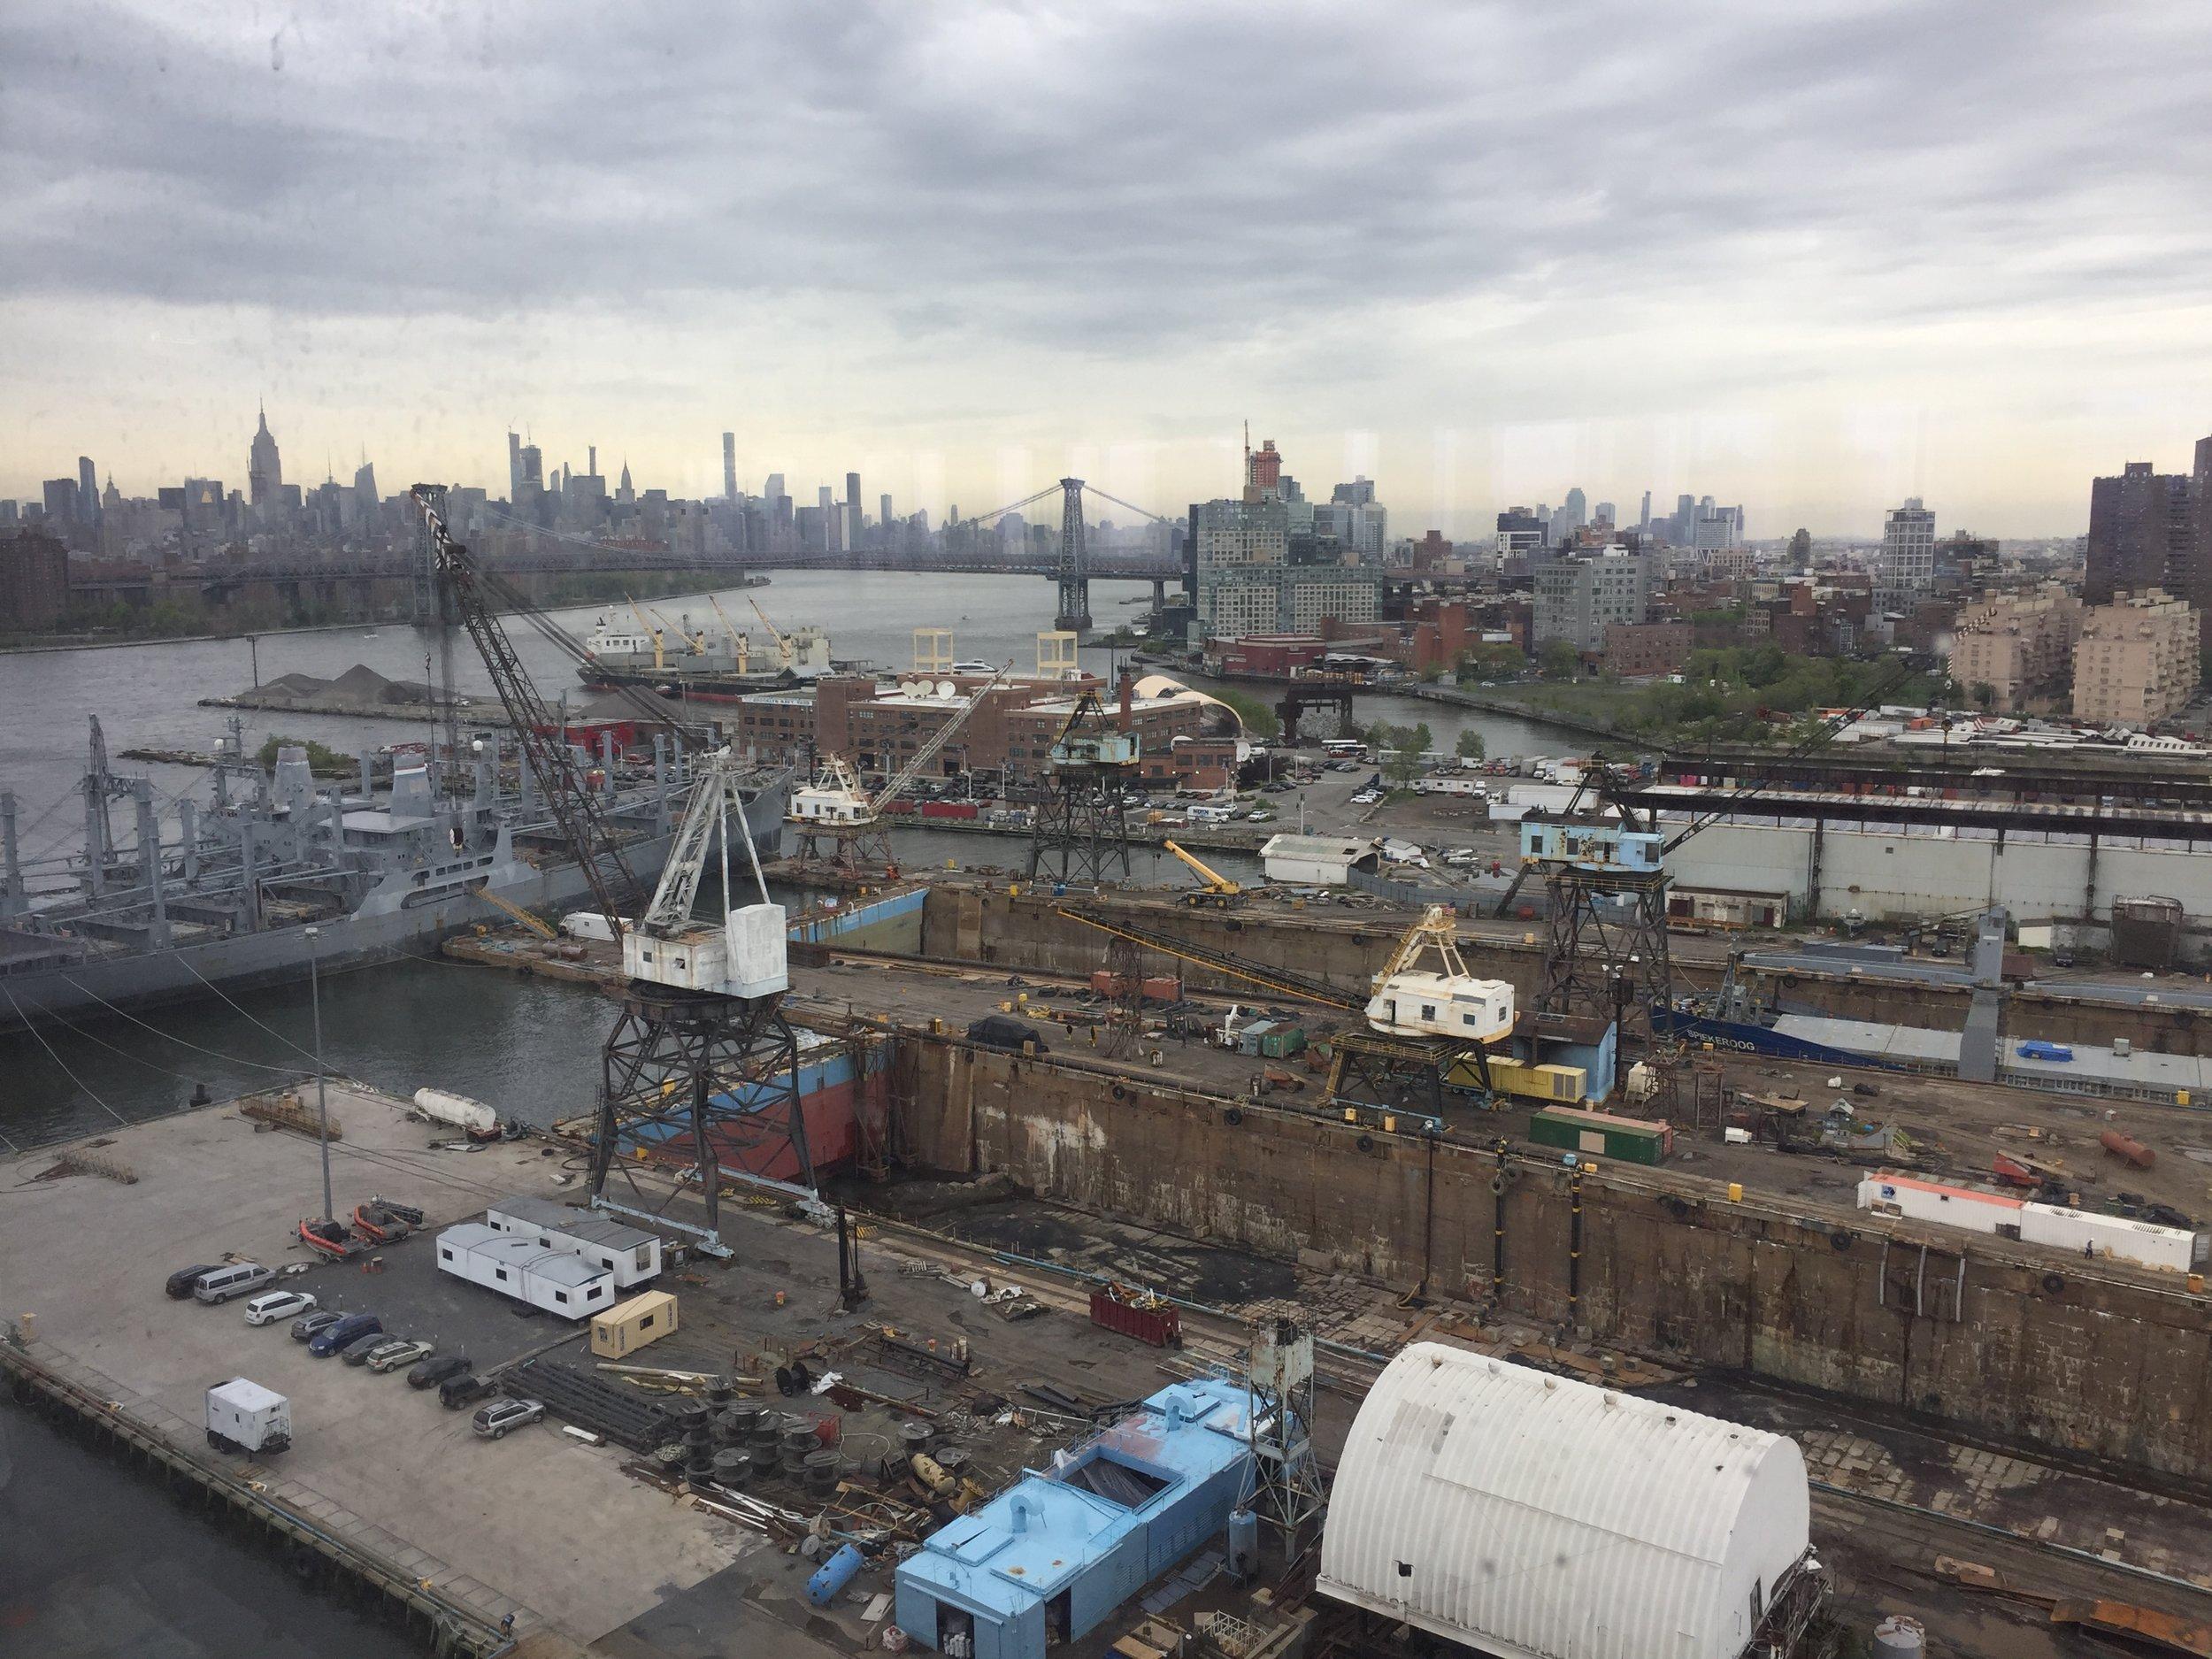 The Brooklyn Navy Yard still has one operational shipyard.